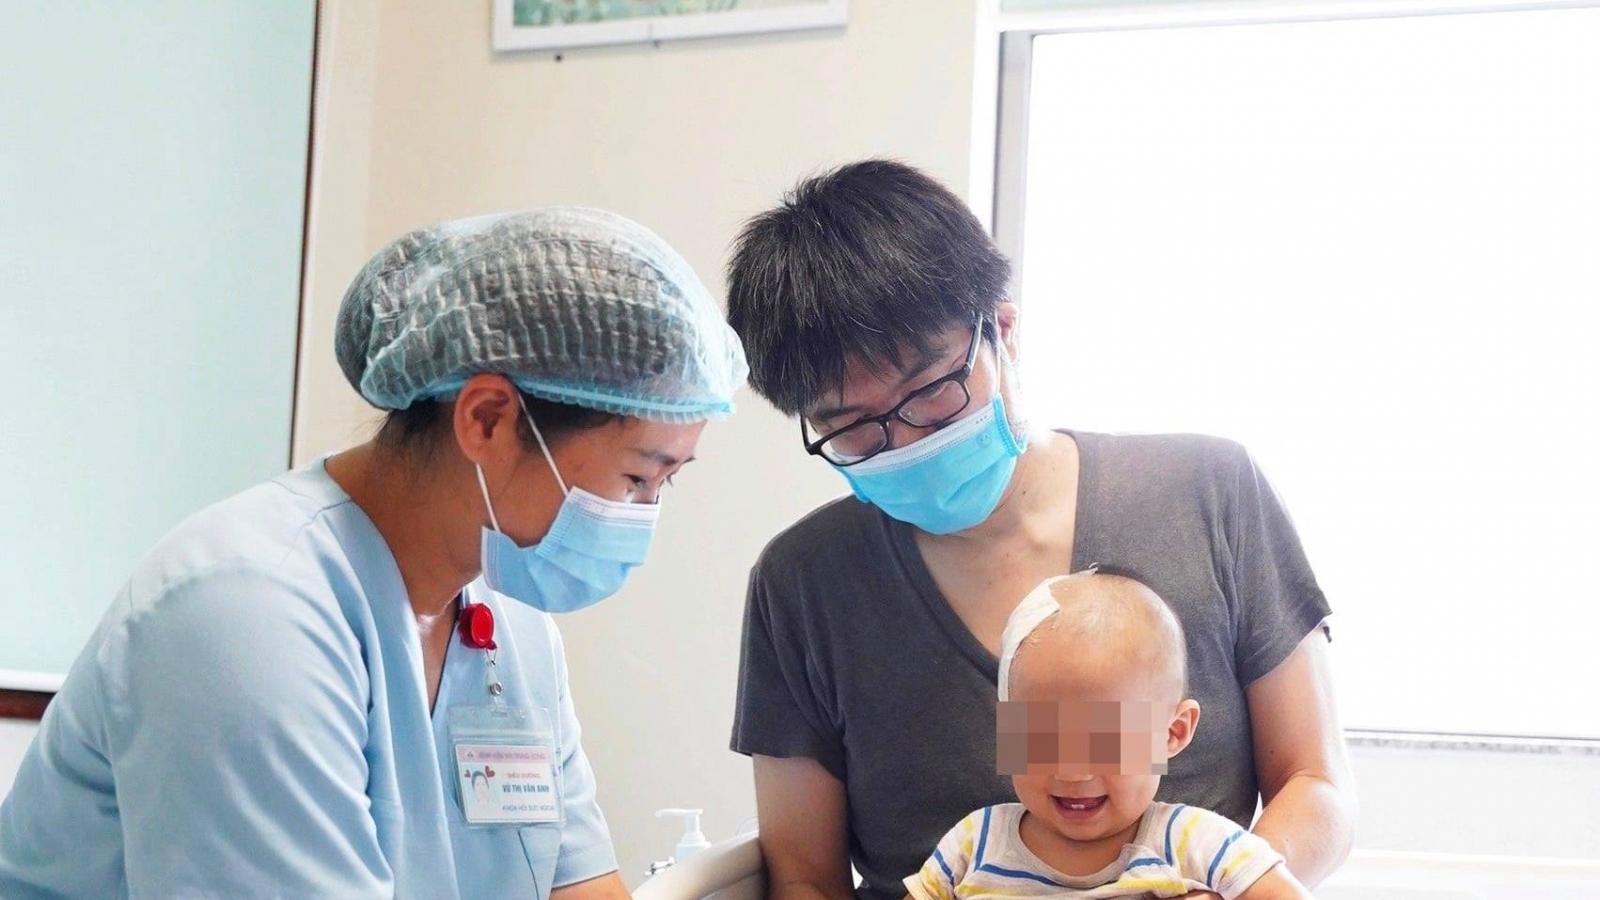 Cứu sống bé trai người Nhật bị chấn thương sọ não khi đang trong thời gian cách ly